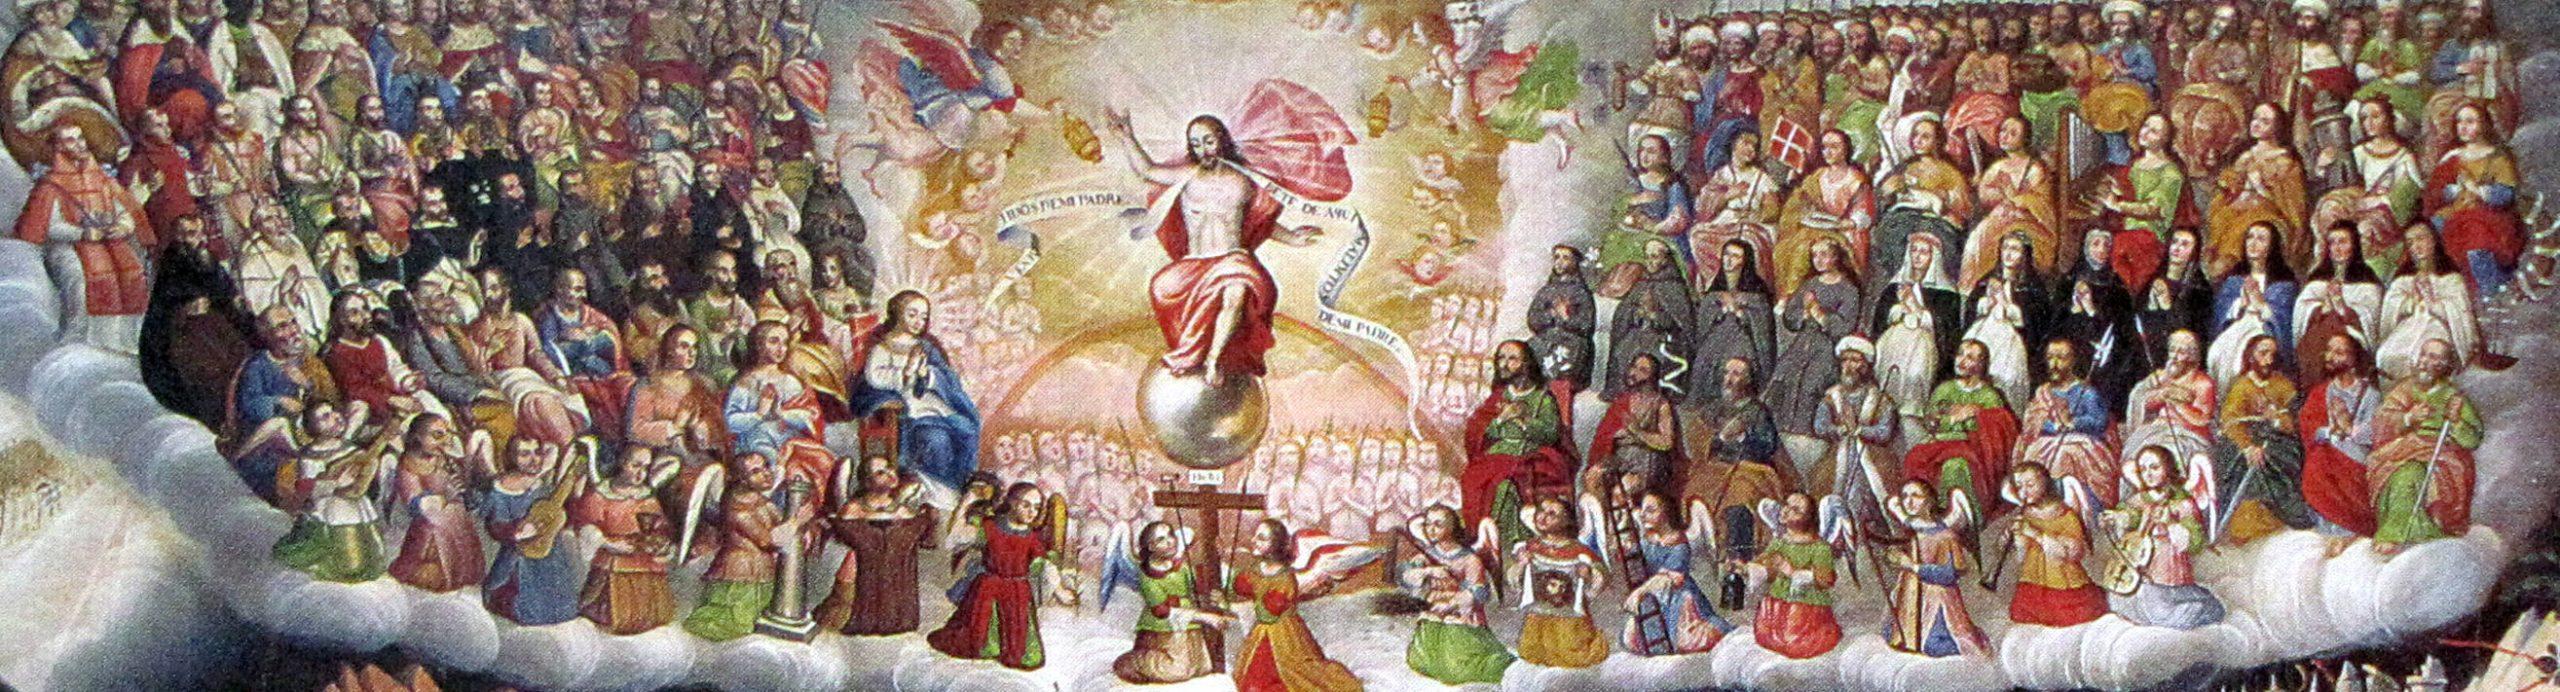 Santos Católicos rodeando a Jesucristo en el Día del Juicio Final